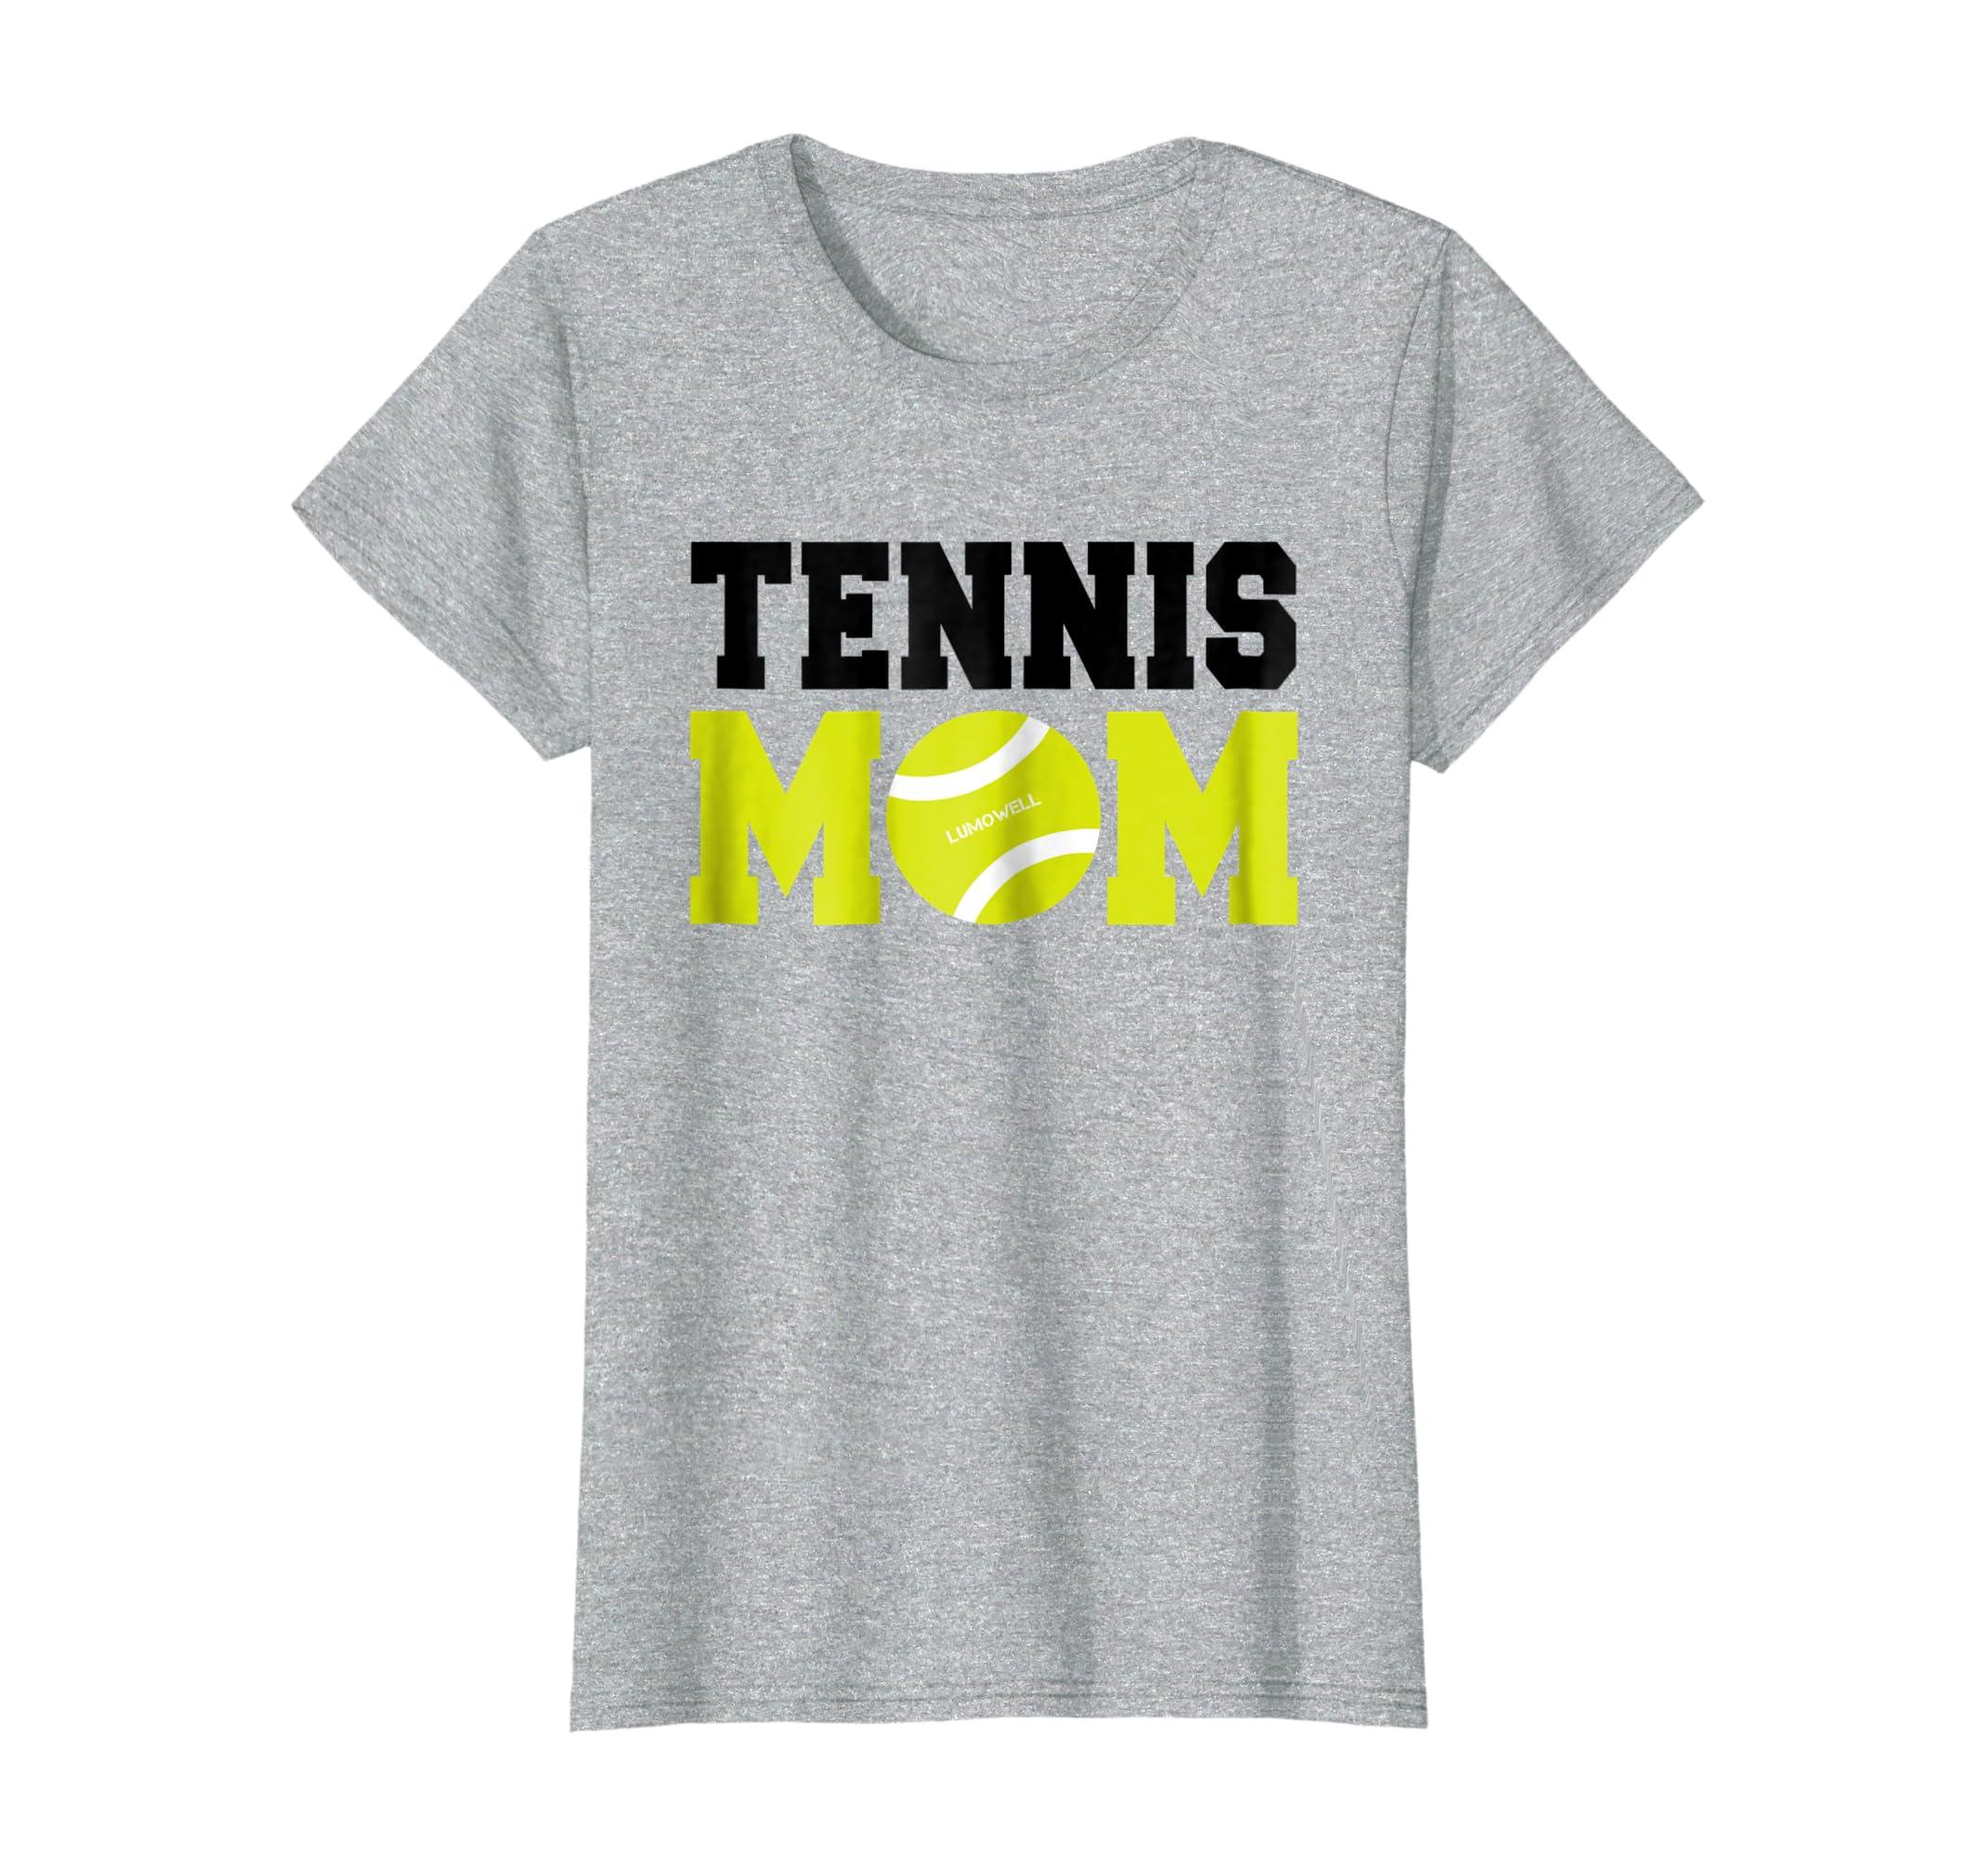 532b8445c Amazon.com: Womens Funny Tennis Mom T-Shirt - Funny Tennis Shirts: Clothing